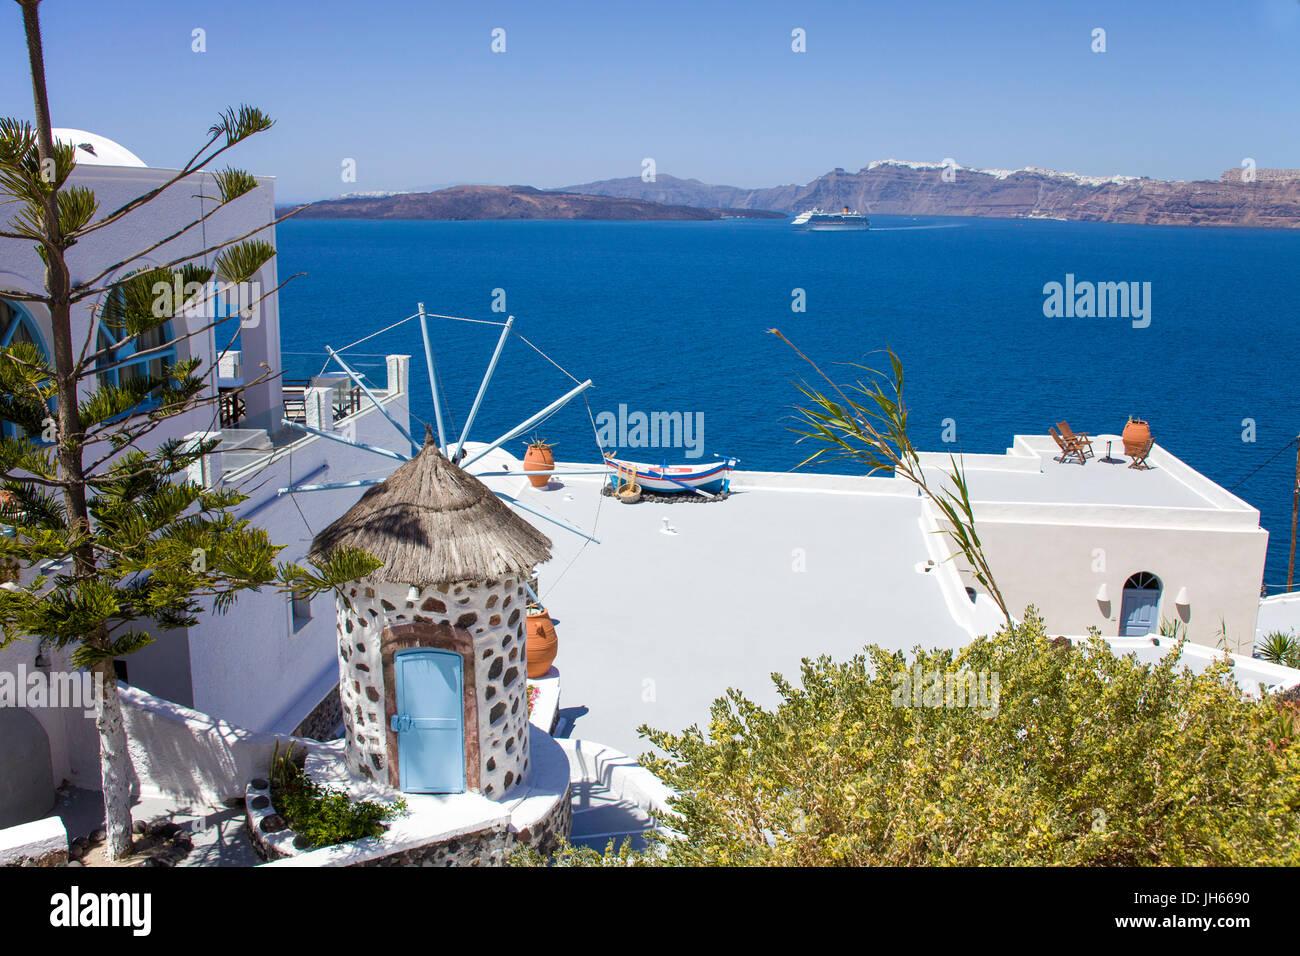 Hotelanlage mit kleiner Windmuehle in der Balos Bay, Santorin, Kykladen, Aegaeis, Griechenland, Mittelmeer, Europa - Stock Image